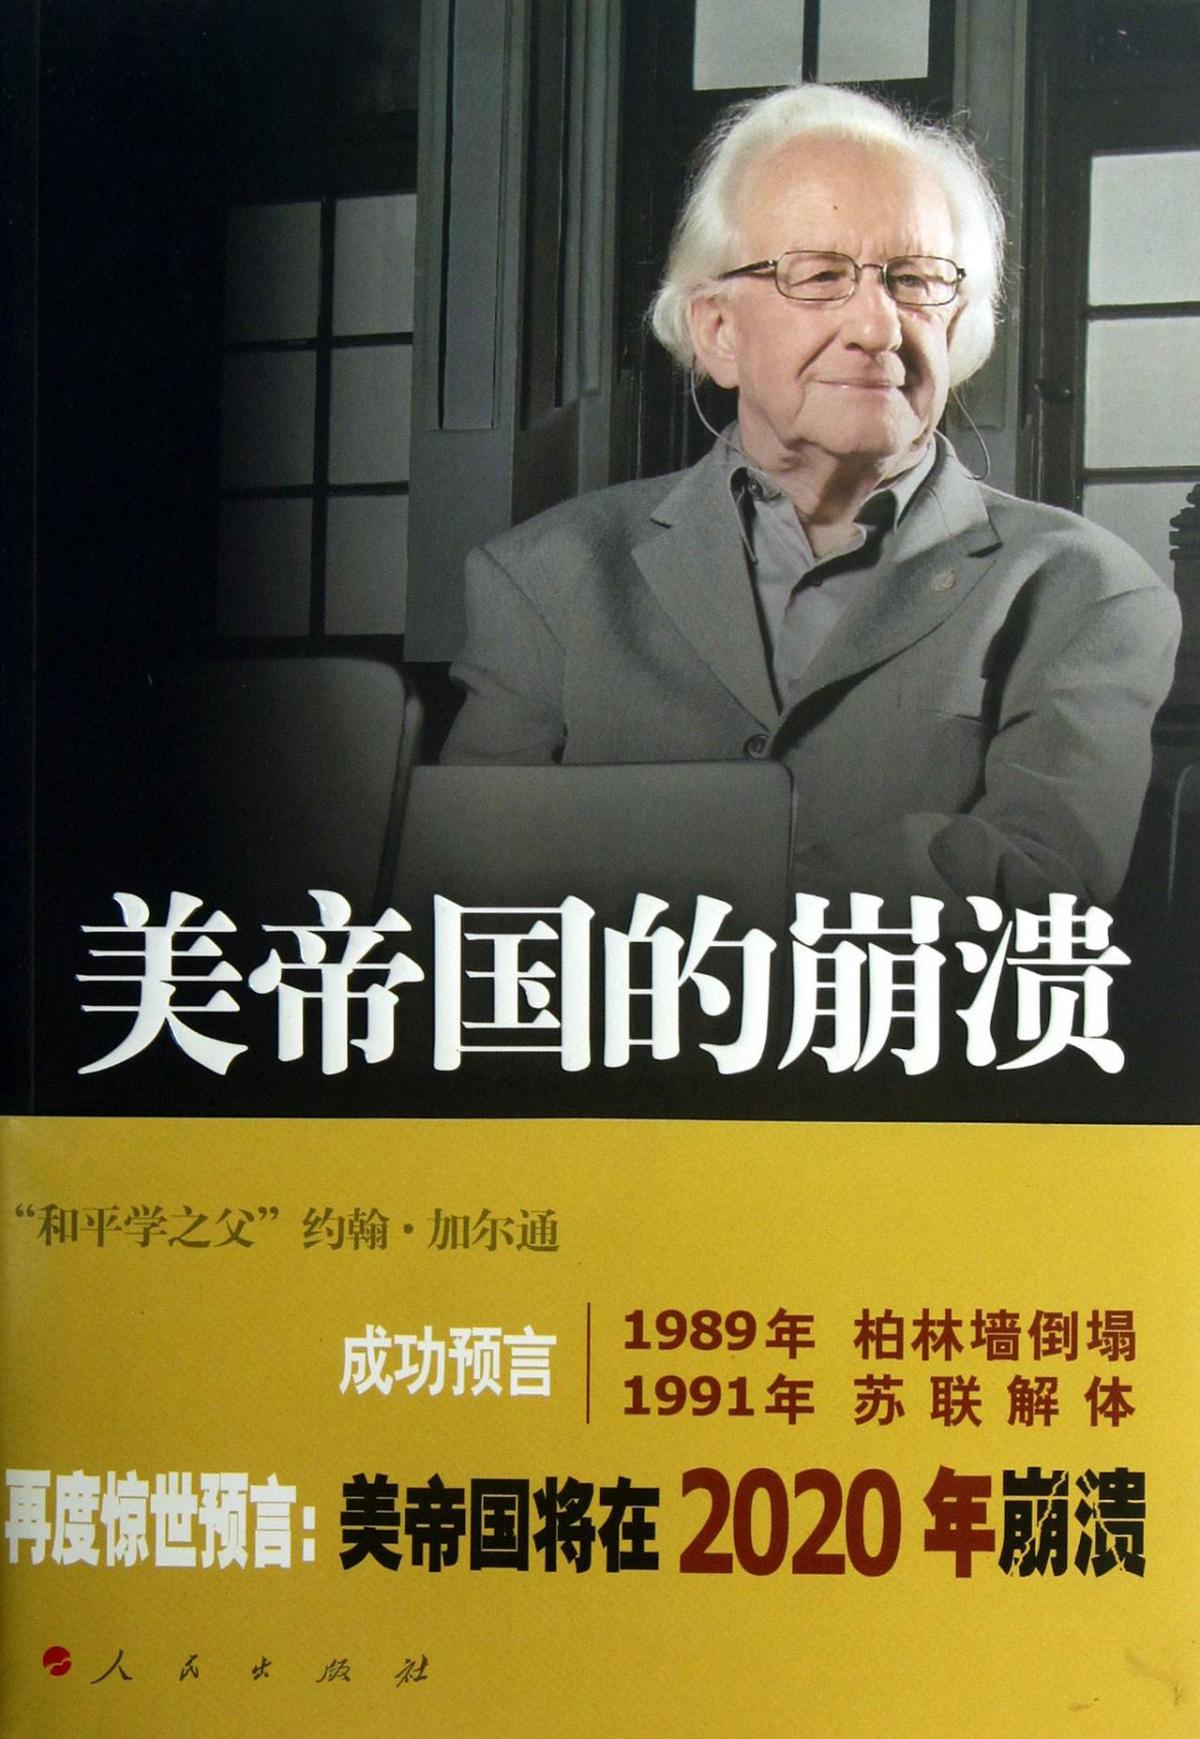 美帝国的崩溃-中文版(PDF格式)